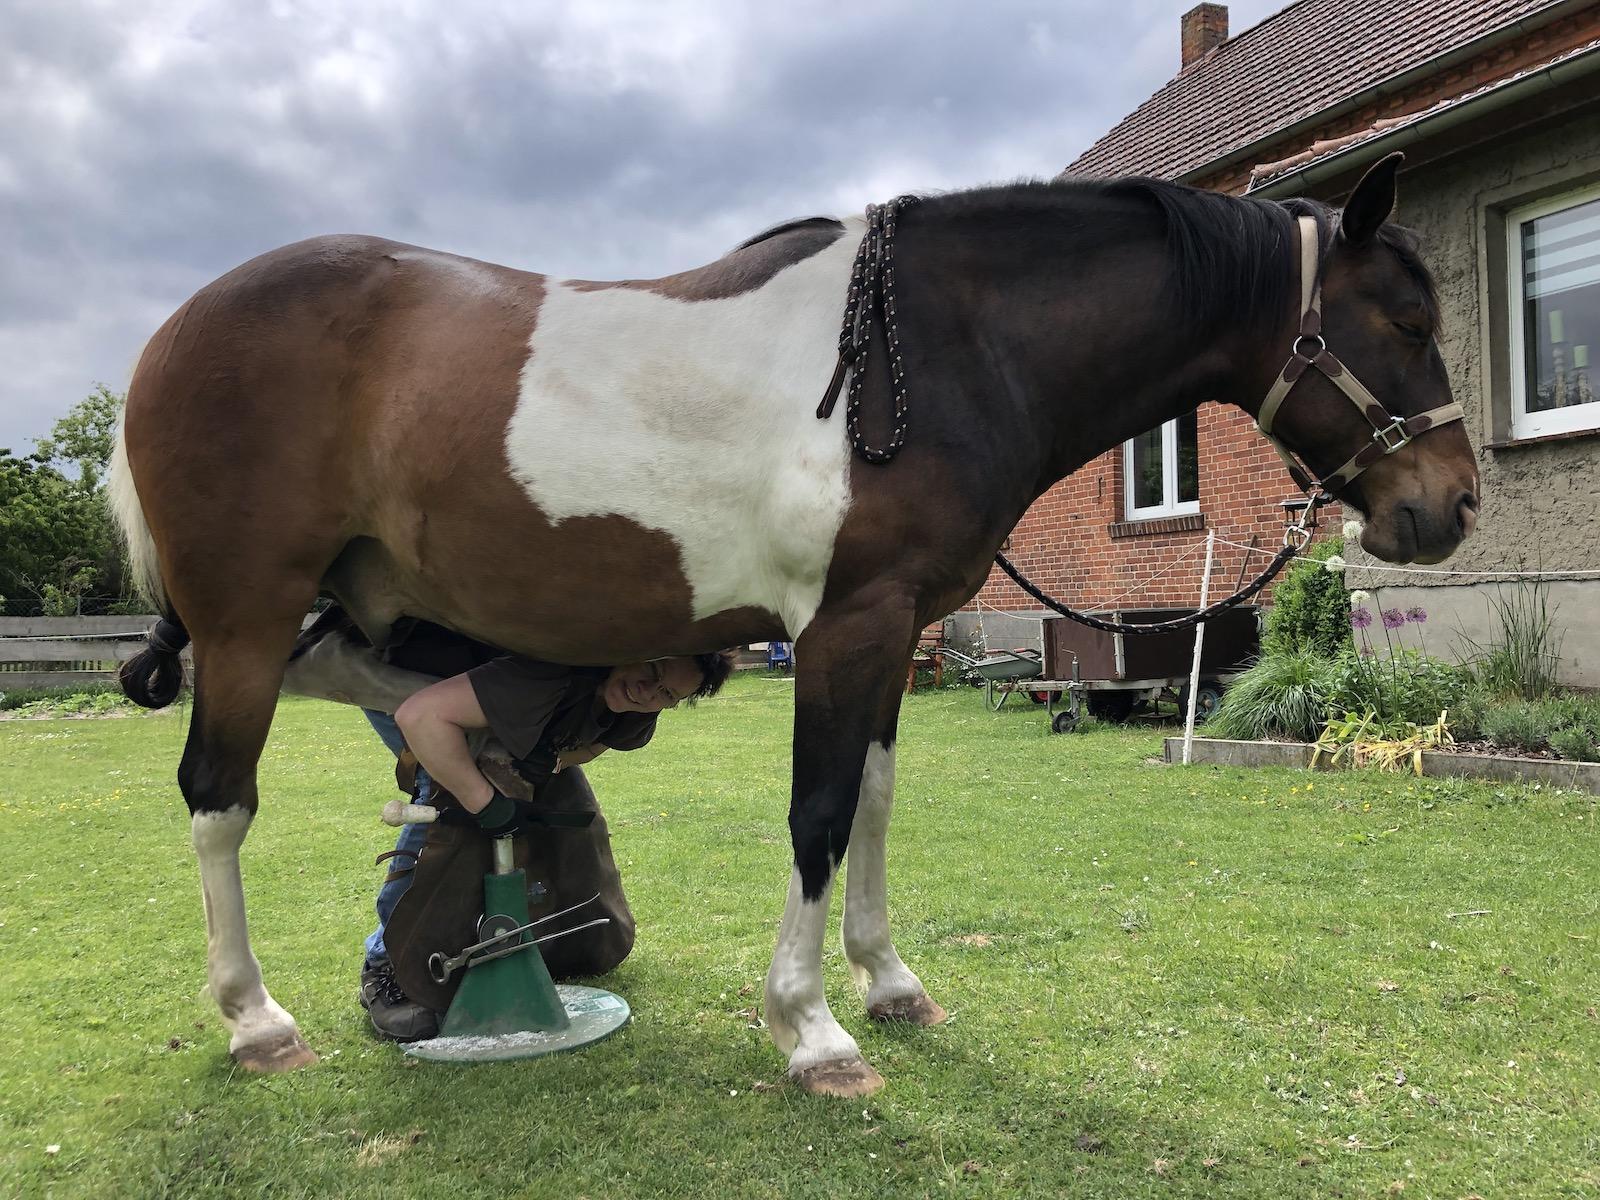 Hufpflege mit entspanntem Pferd und Hufpflegerin